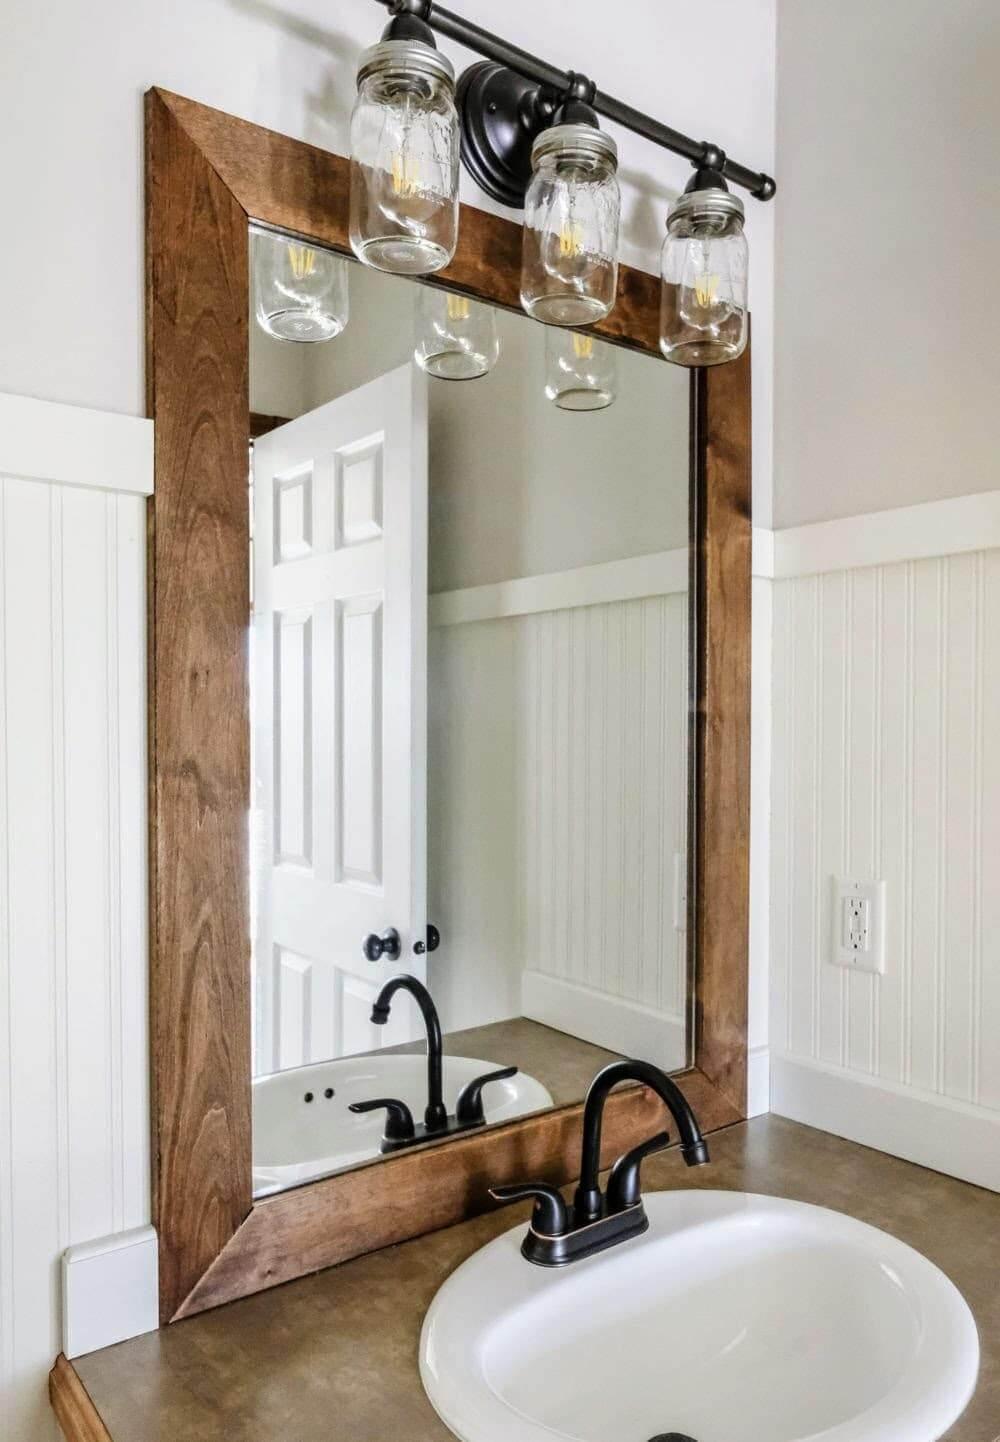 Способы преображения интерьера ванной комнаты фото 6